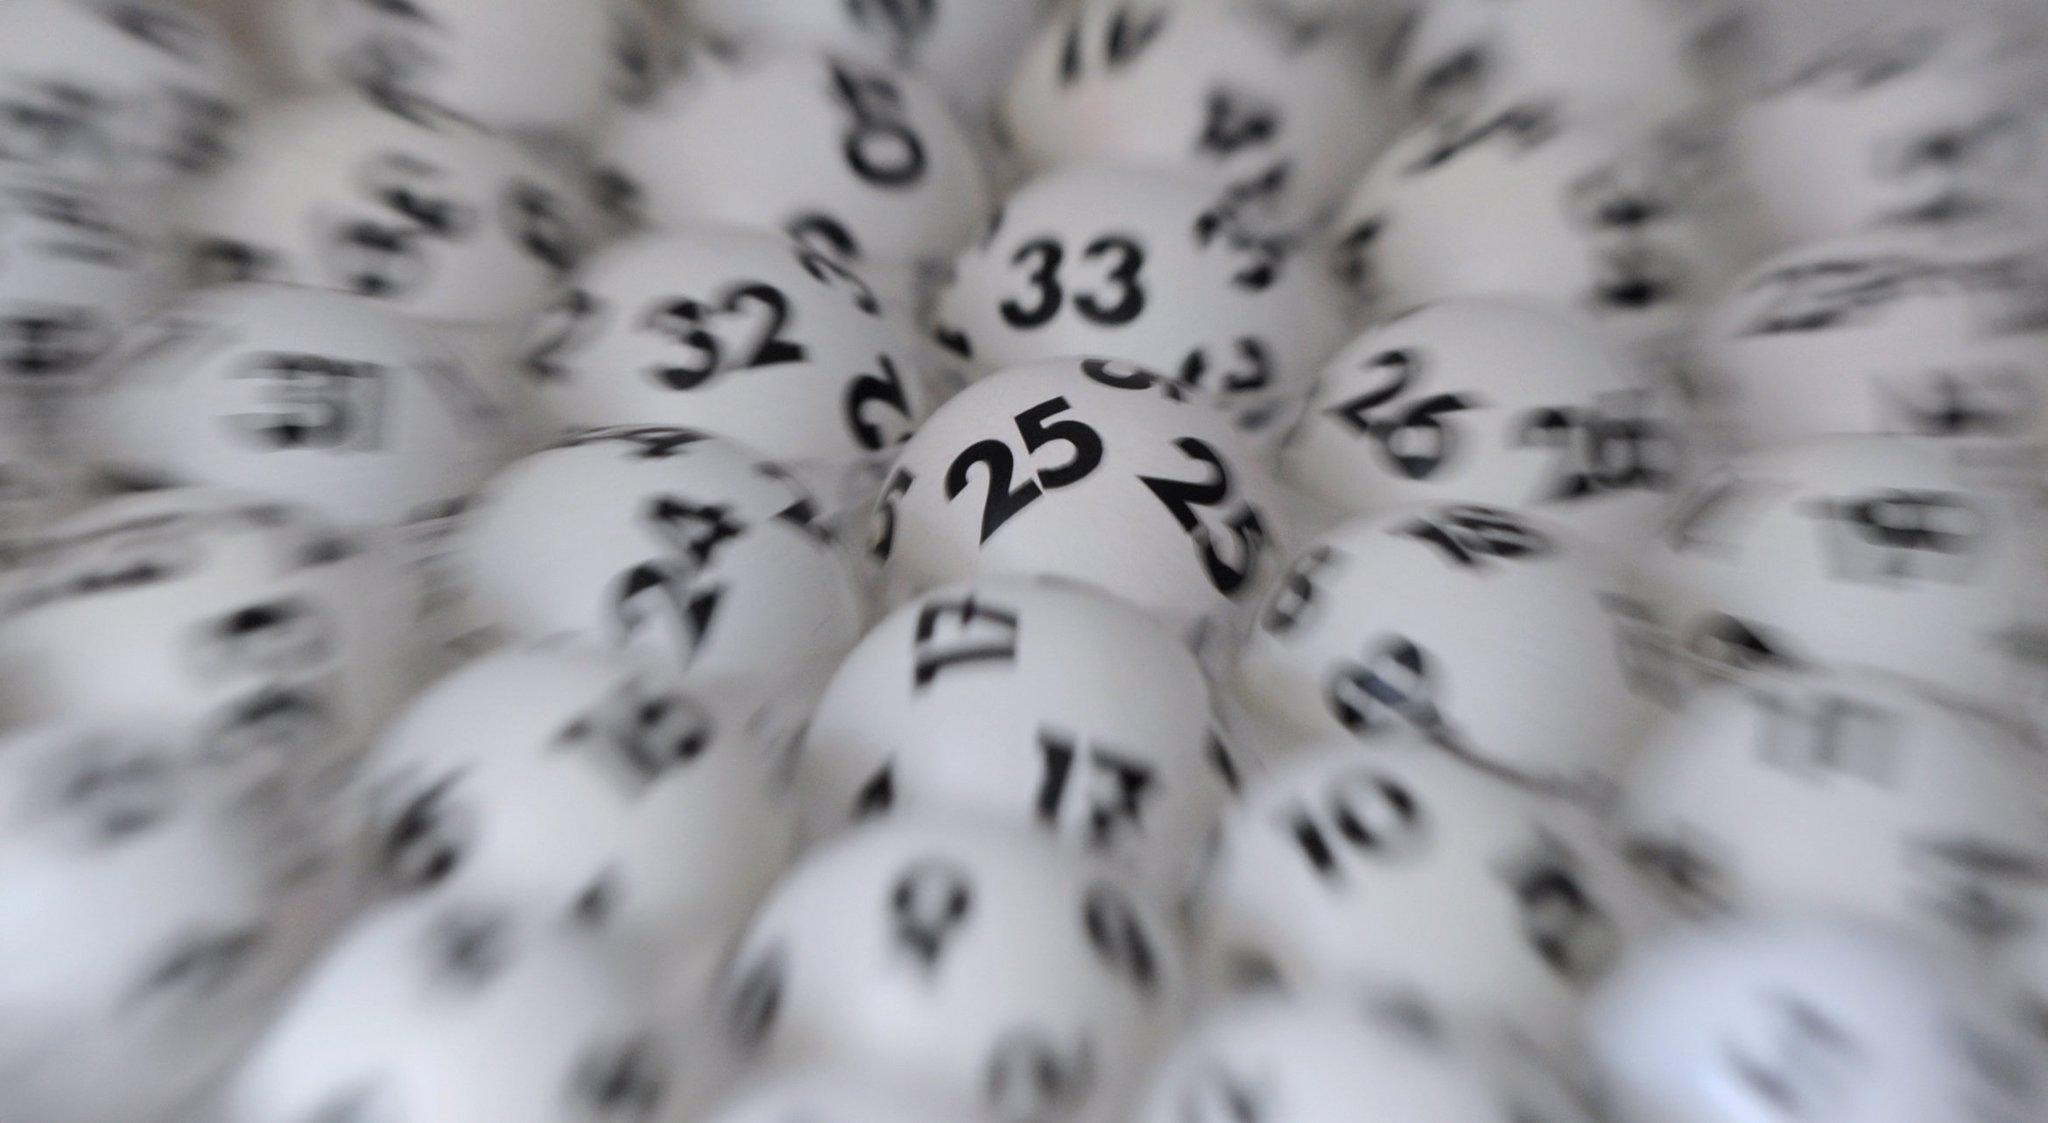 lotto spielen im internet sicherheit